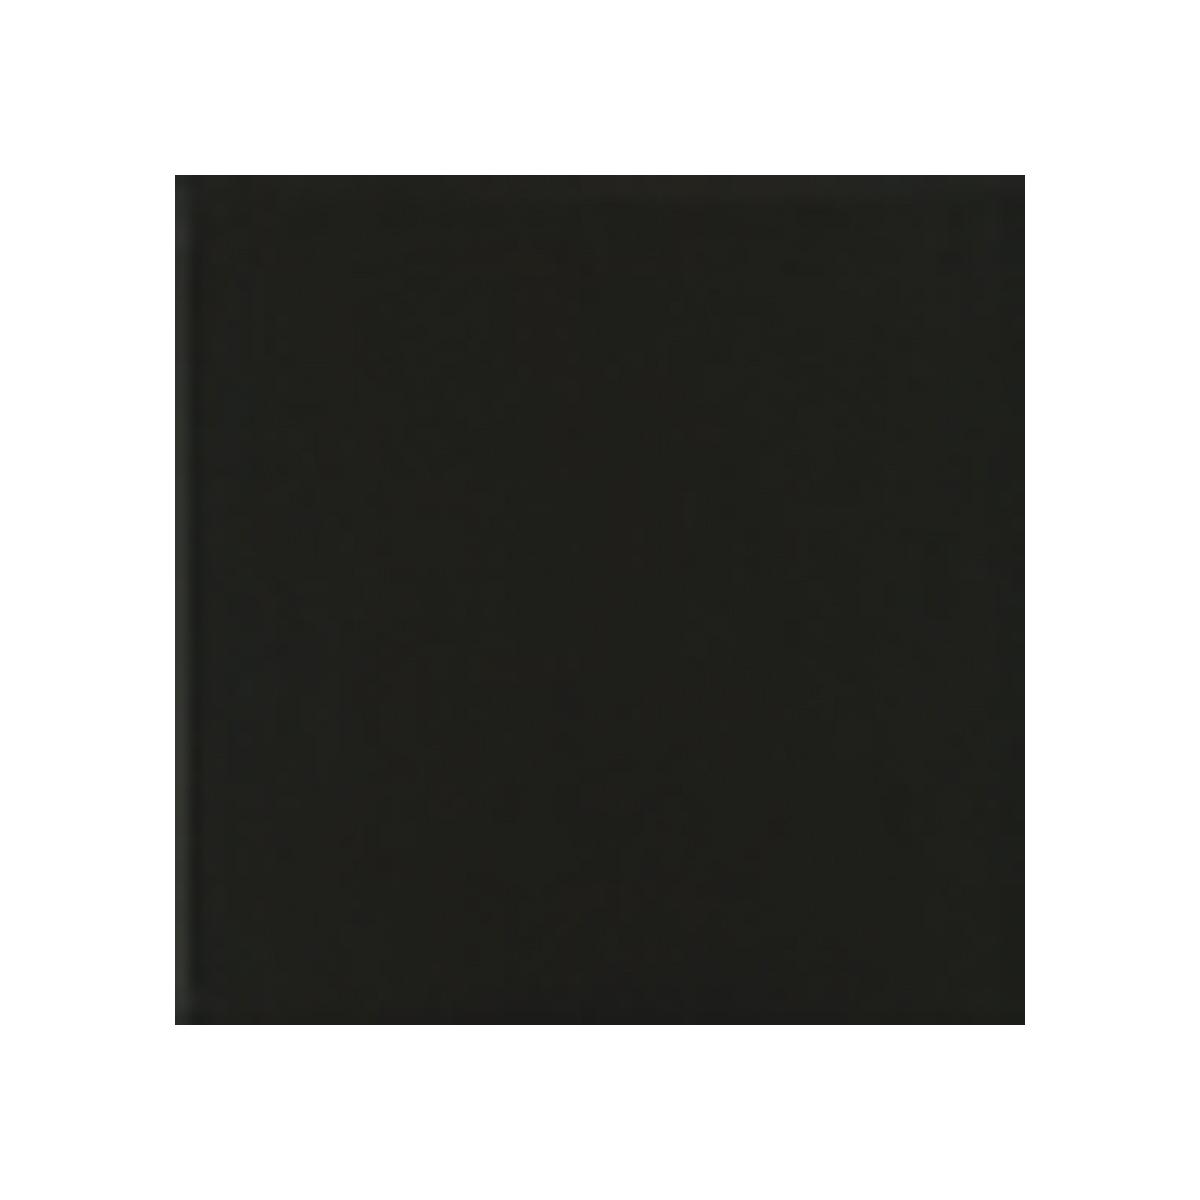 Color negro mate - Colección Colores Mate - Marca Mainzu